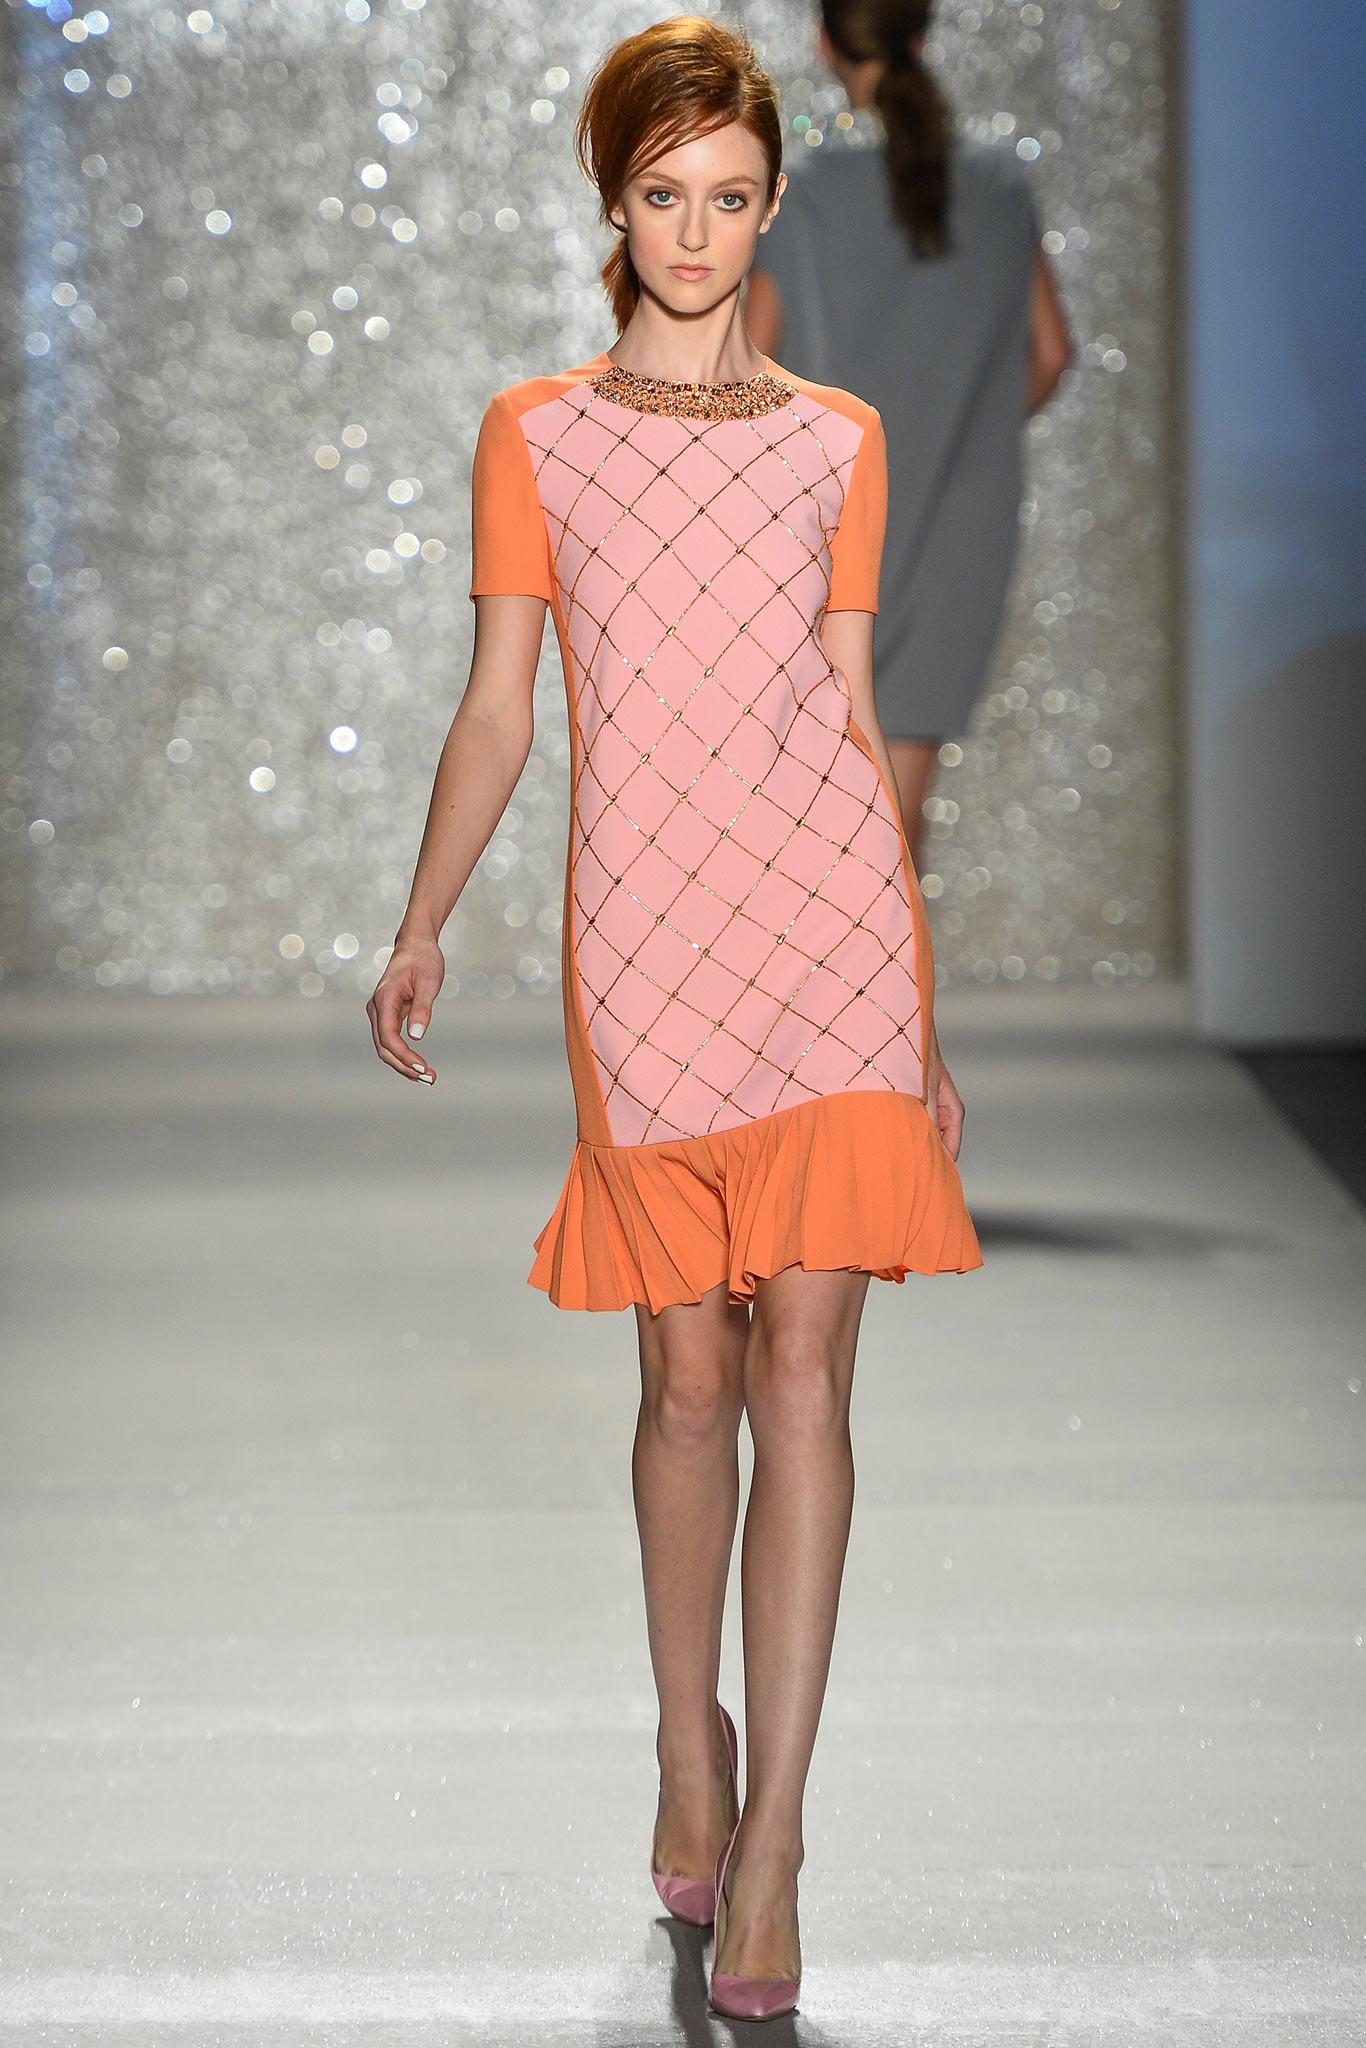 Latest Summer Dresses Trends 2014 For Women 002 Life N